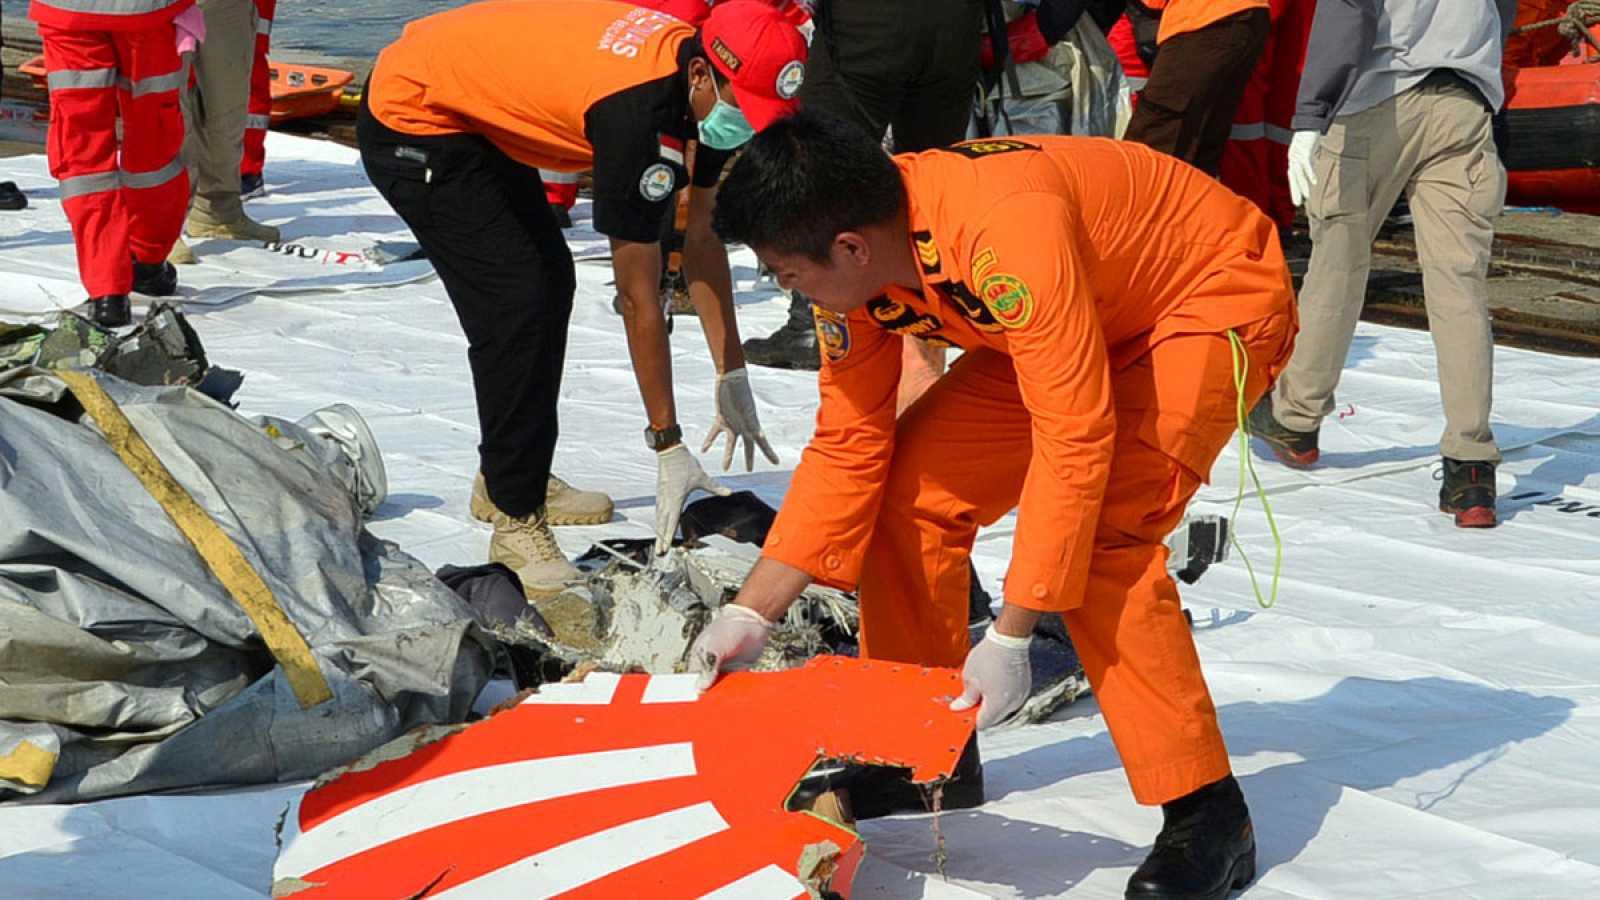 Indonesia no espera supervivientes en el accidente del avión ocurrido en el mar de Java con 189 personas a bordo